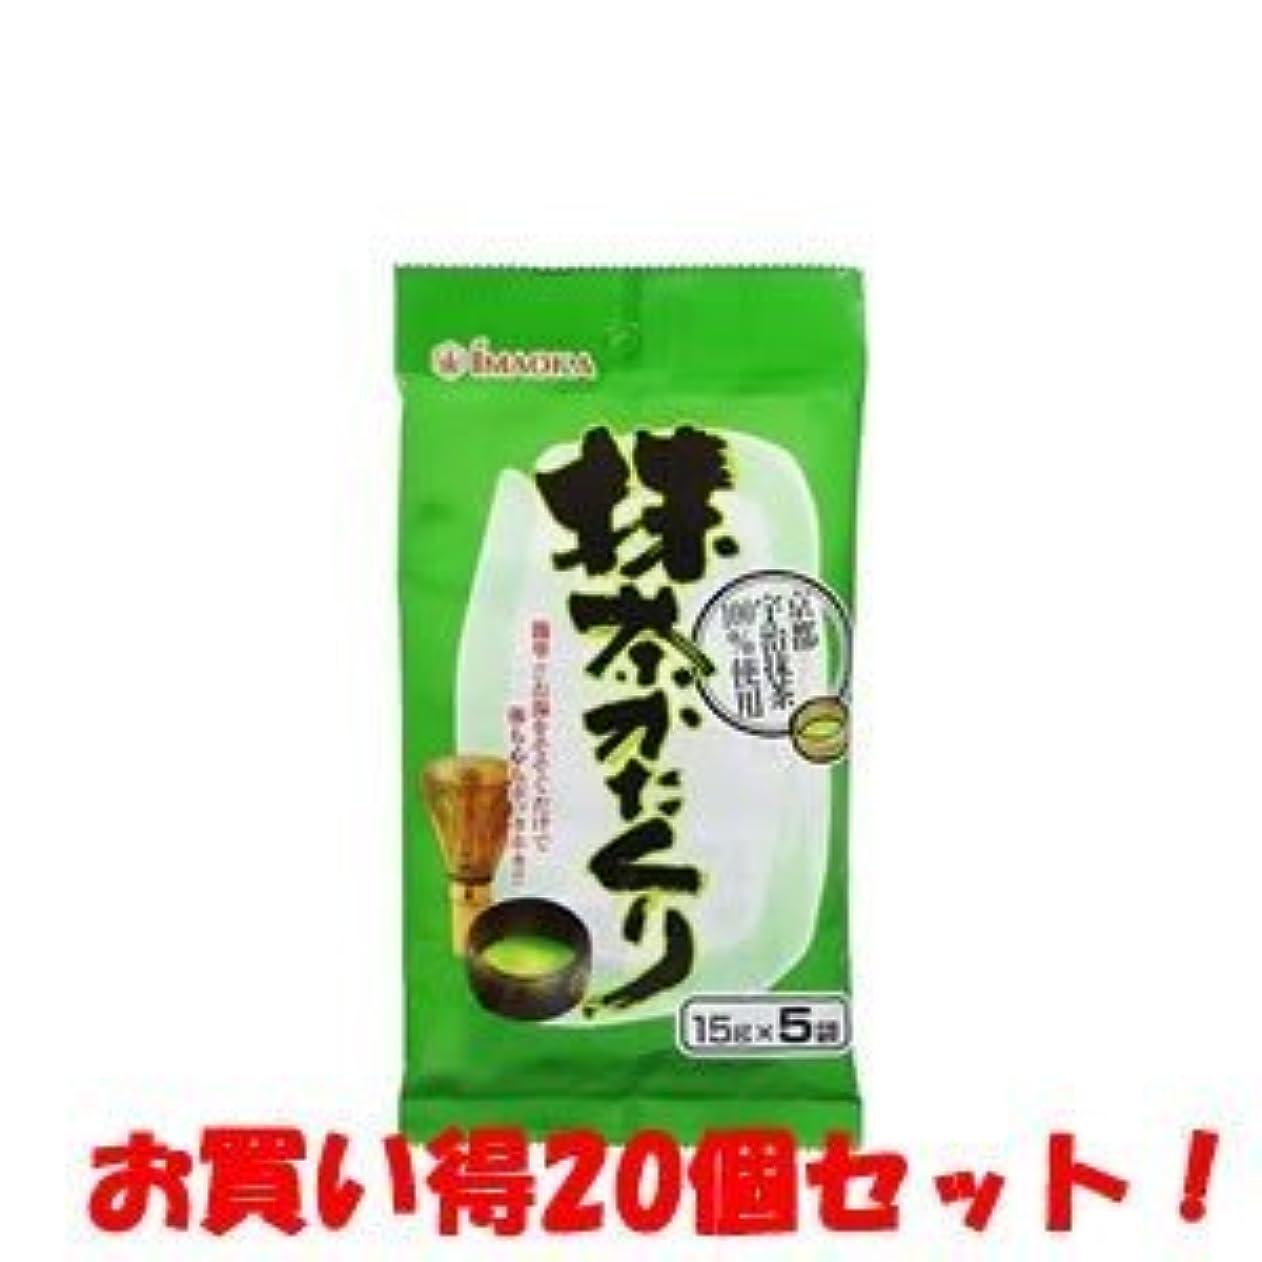 誇張イライラするアフリカ(今岡製菓)抹茶かたくり 15g×5袋(お買い得20個セット)